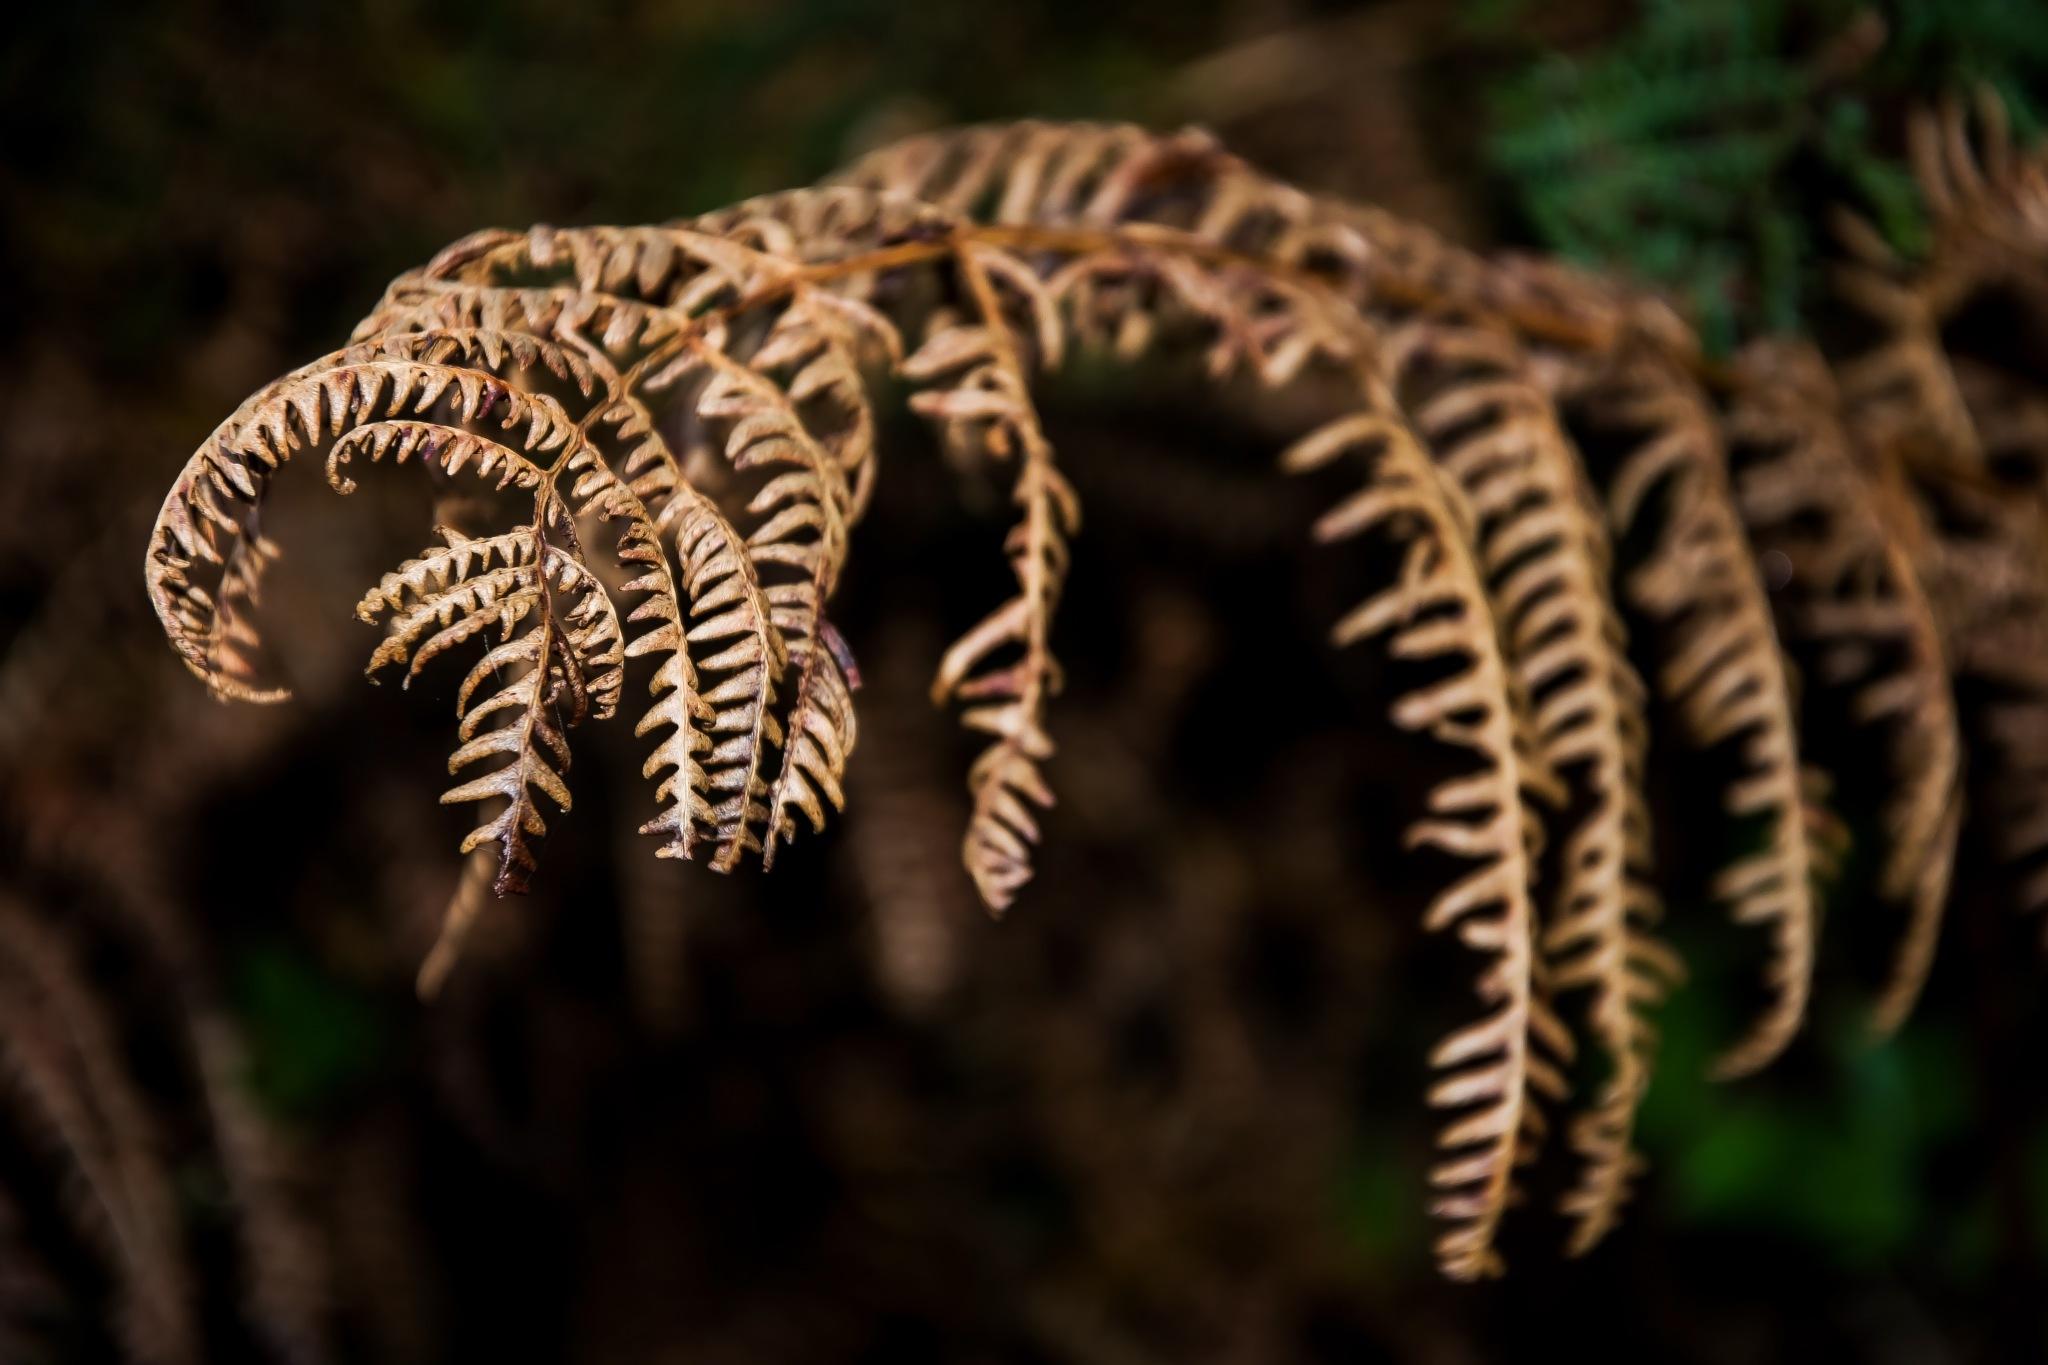 Brown fern by MADOLDIE